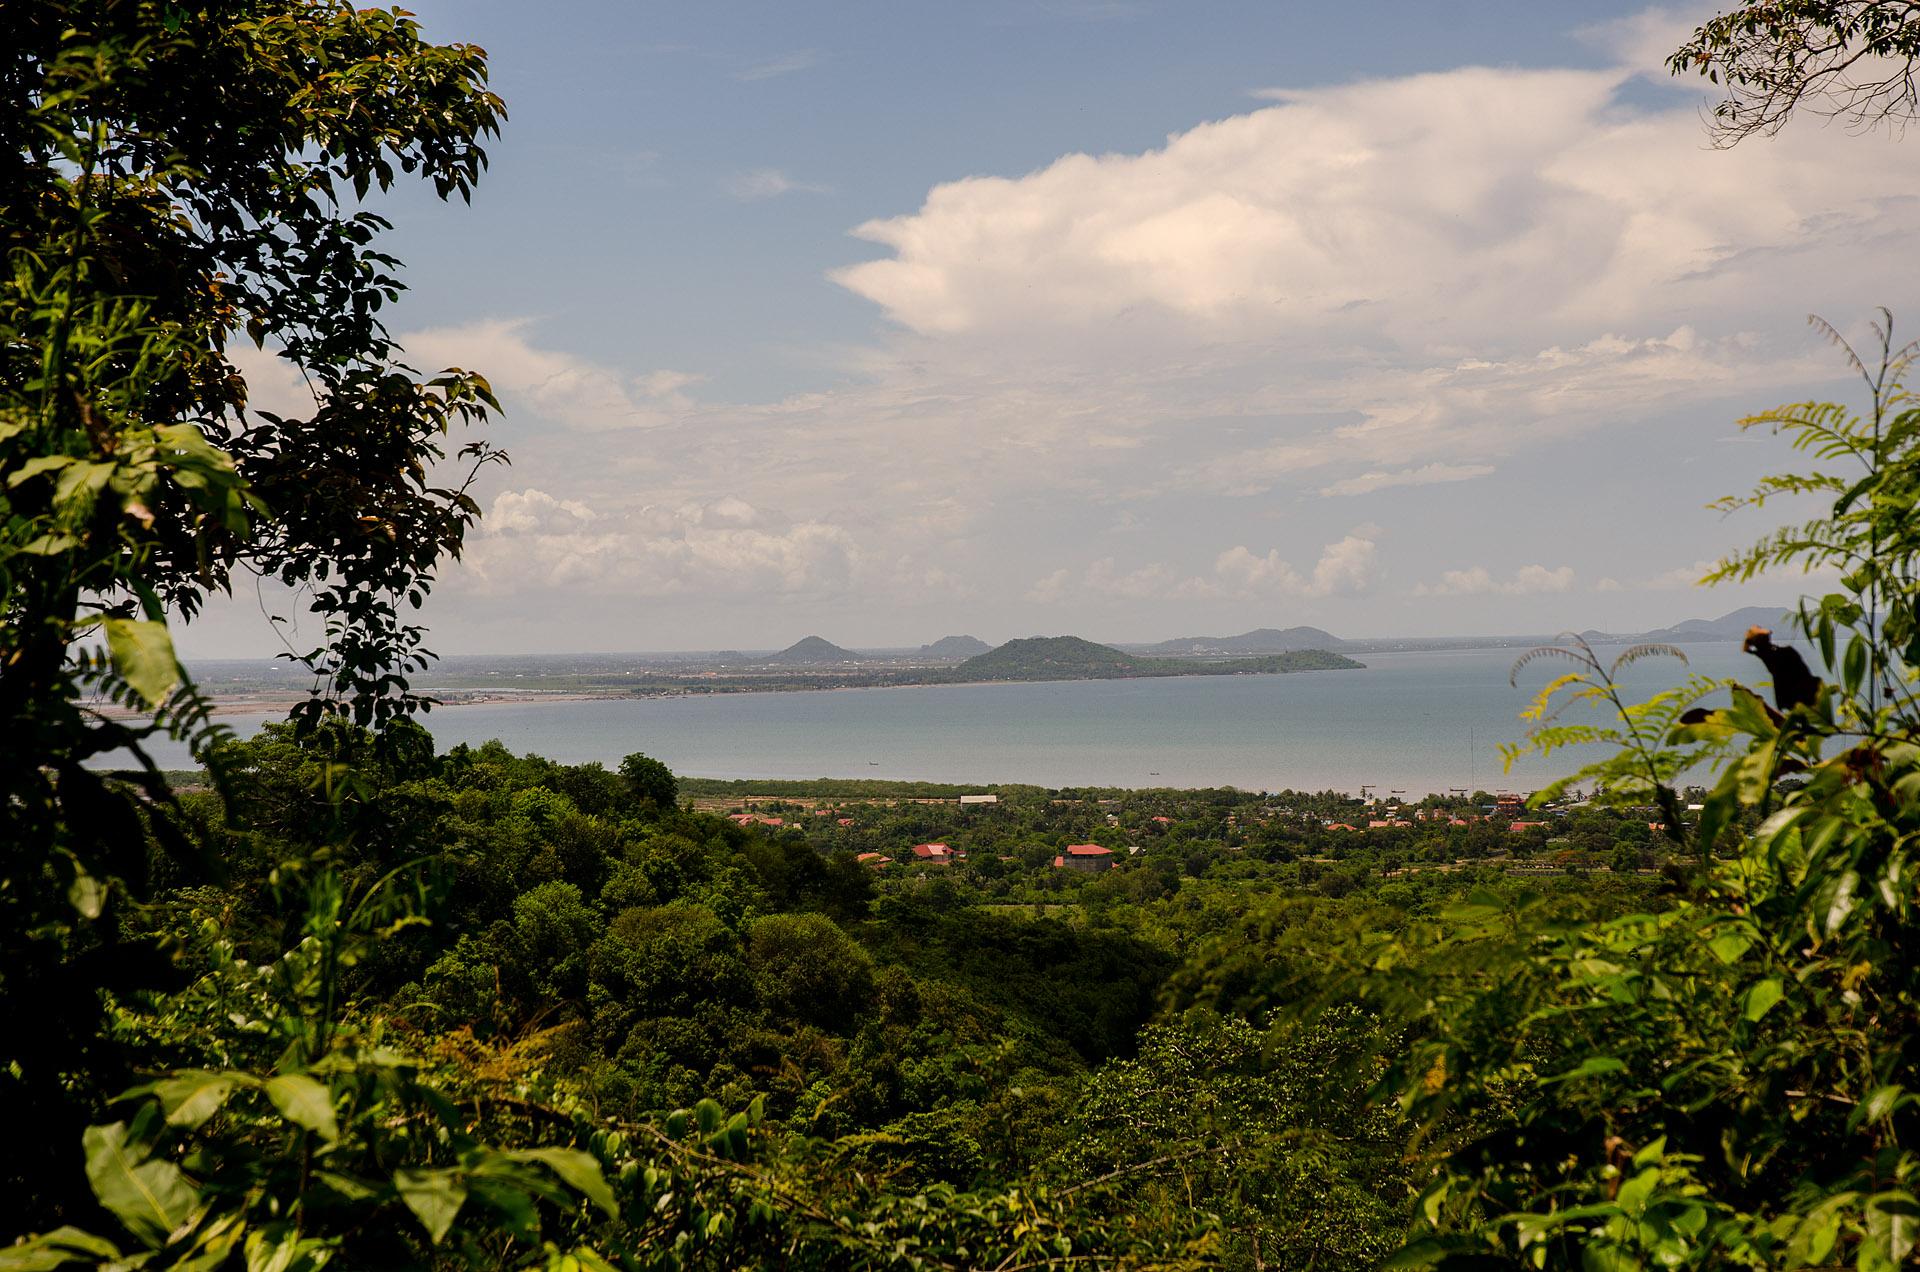 Angkoul Beach Viewpoint